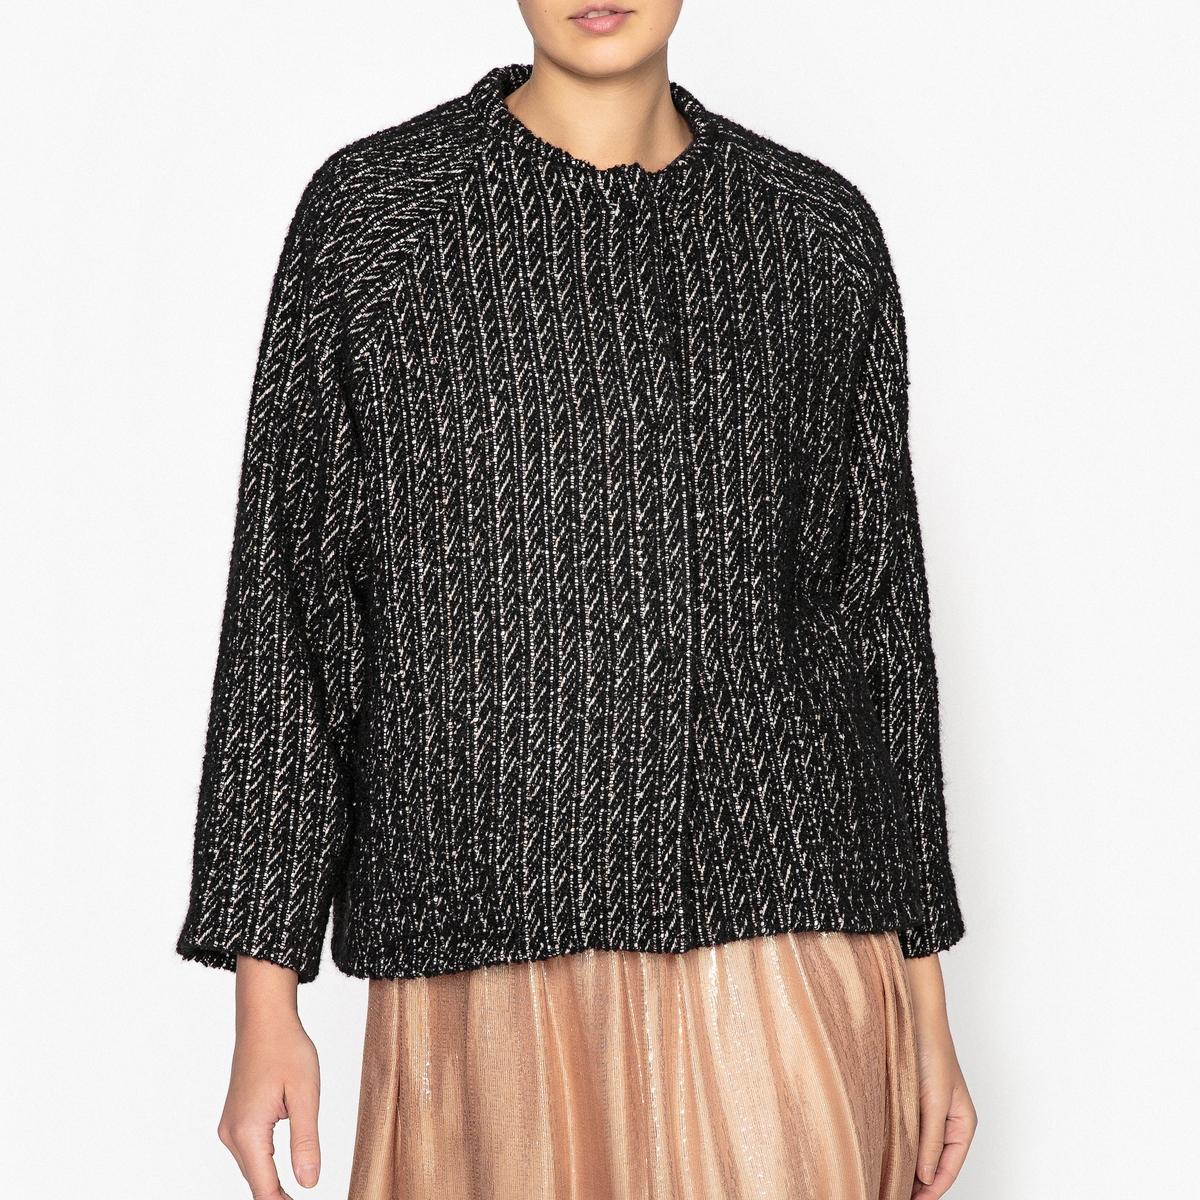 Пиджак двухцветный свободного покроя из шерсти меланж